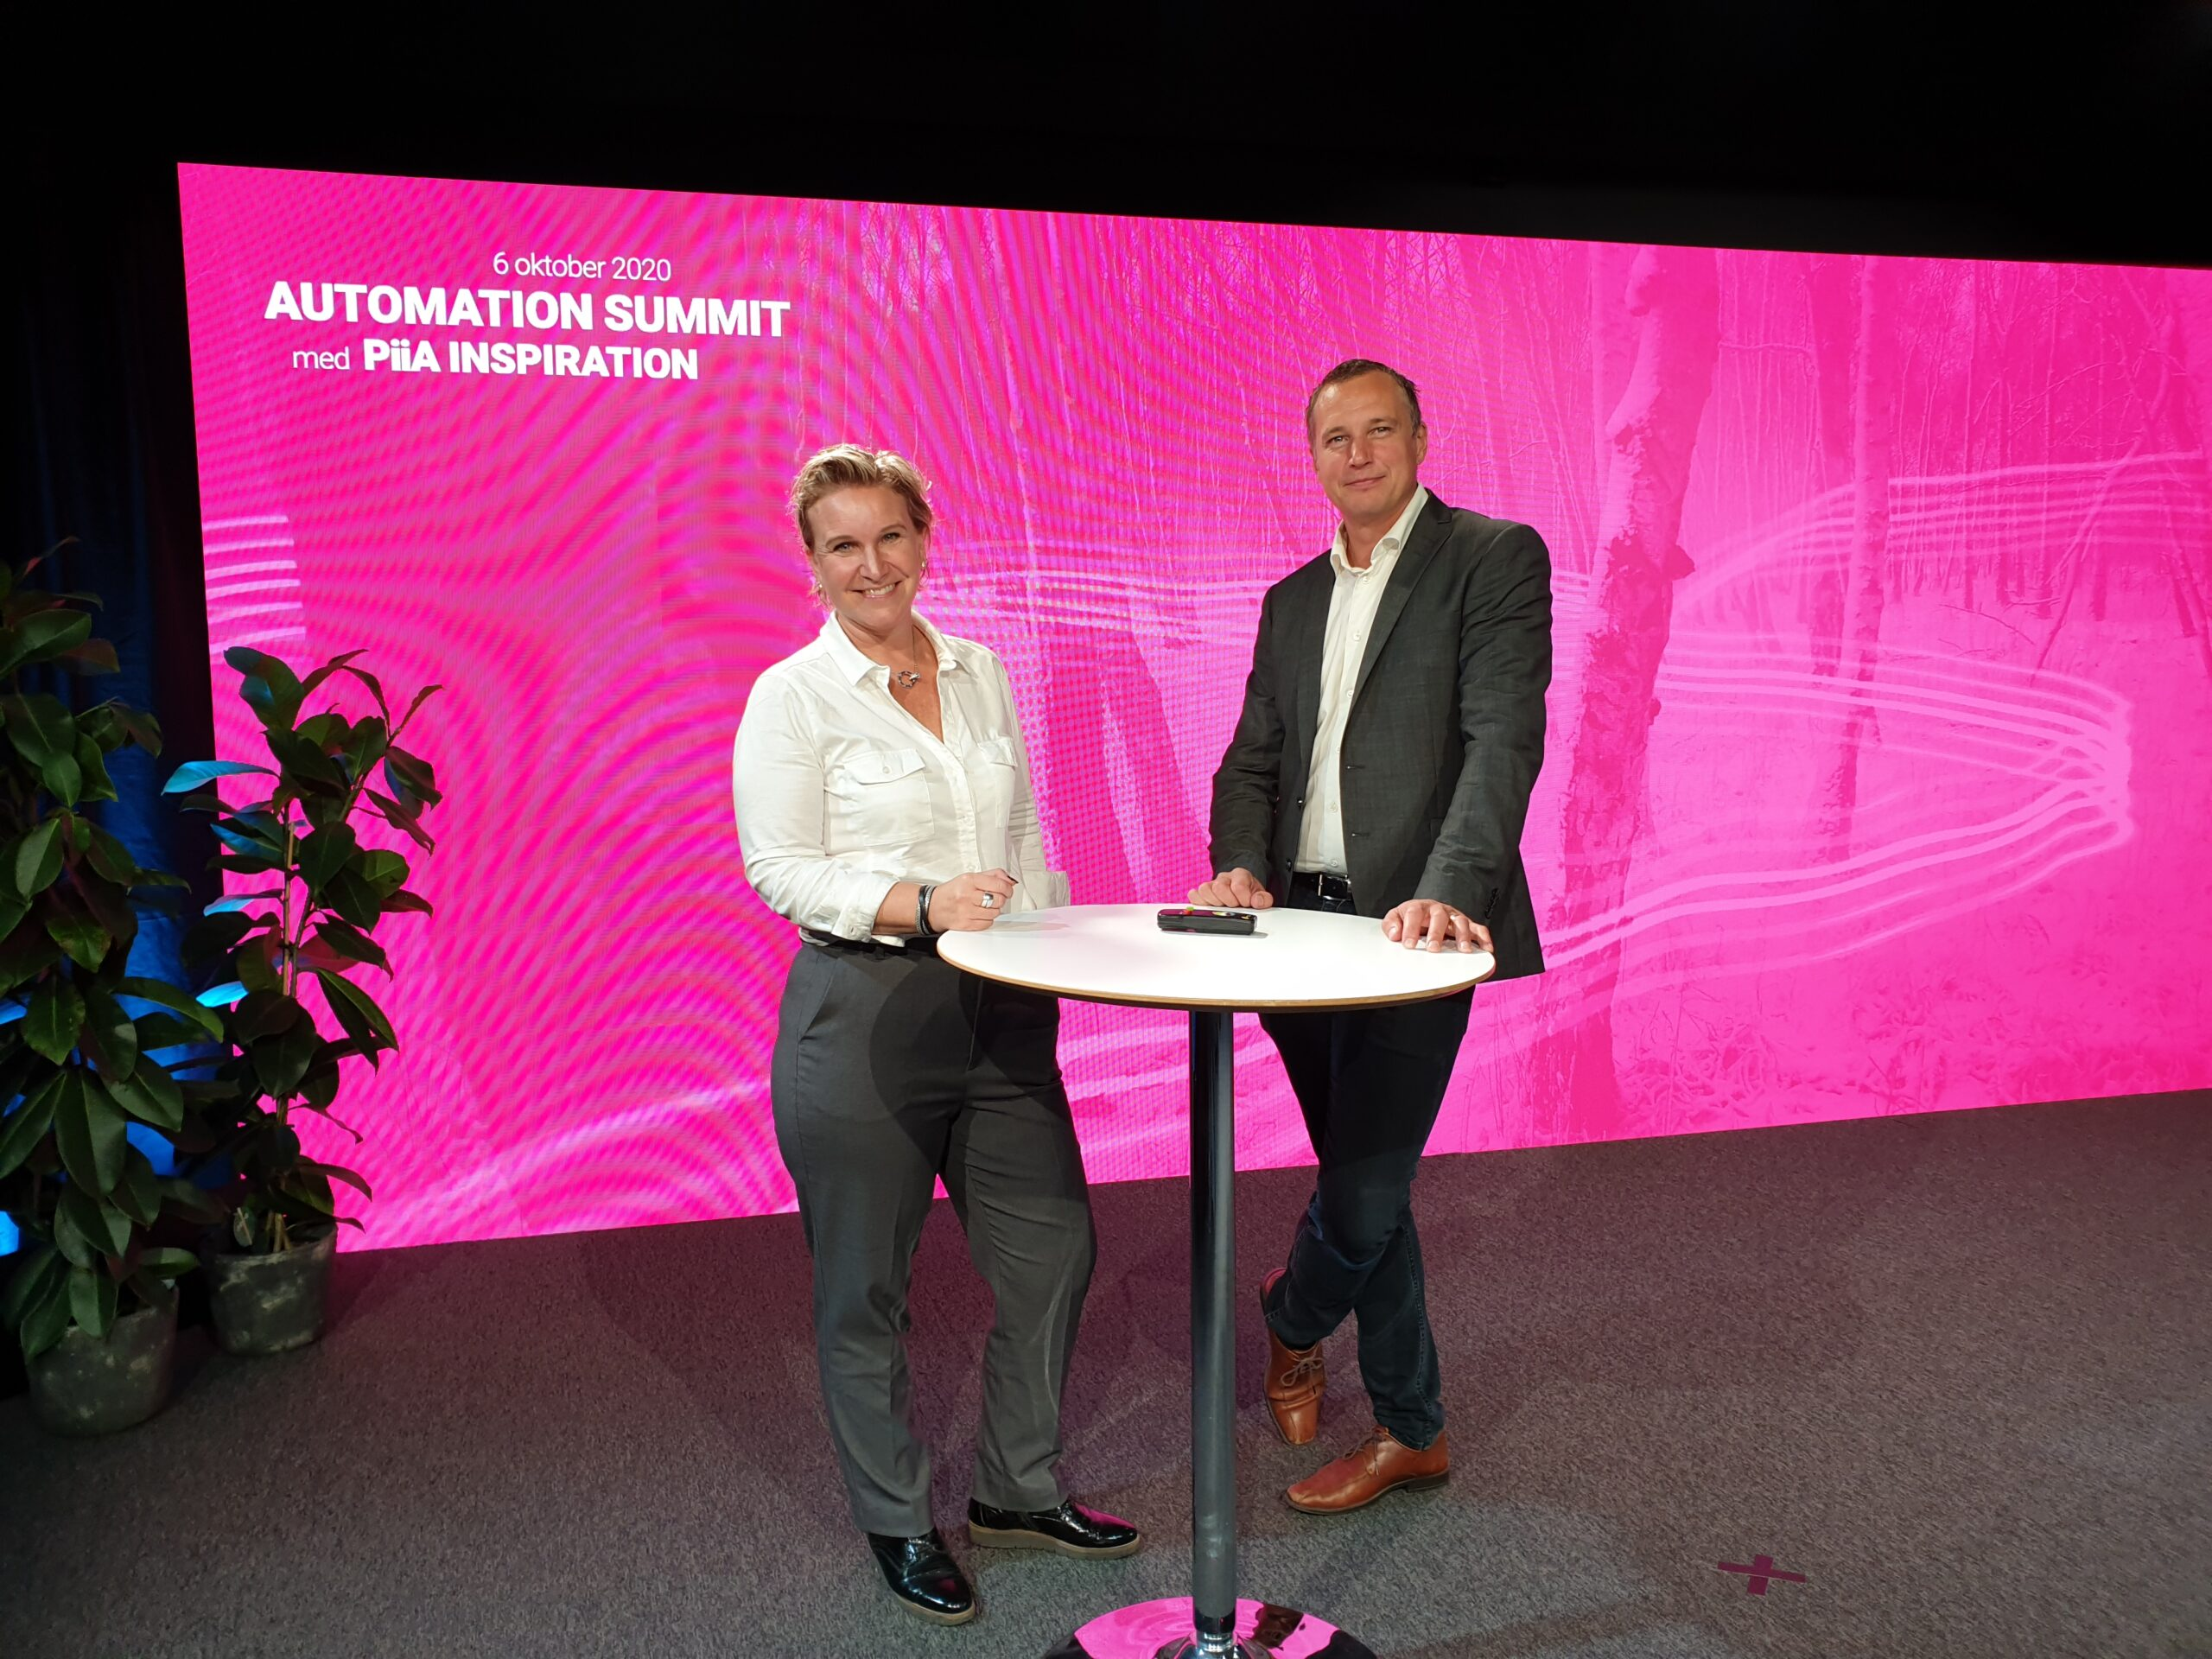 Cattis och Peter vid ett ståbord framför en stor skärm